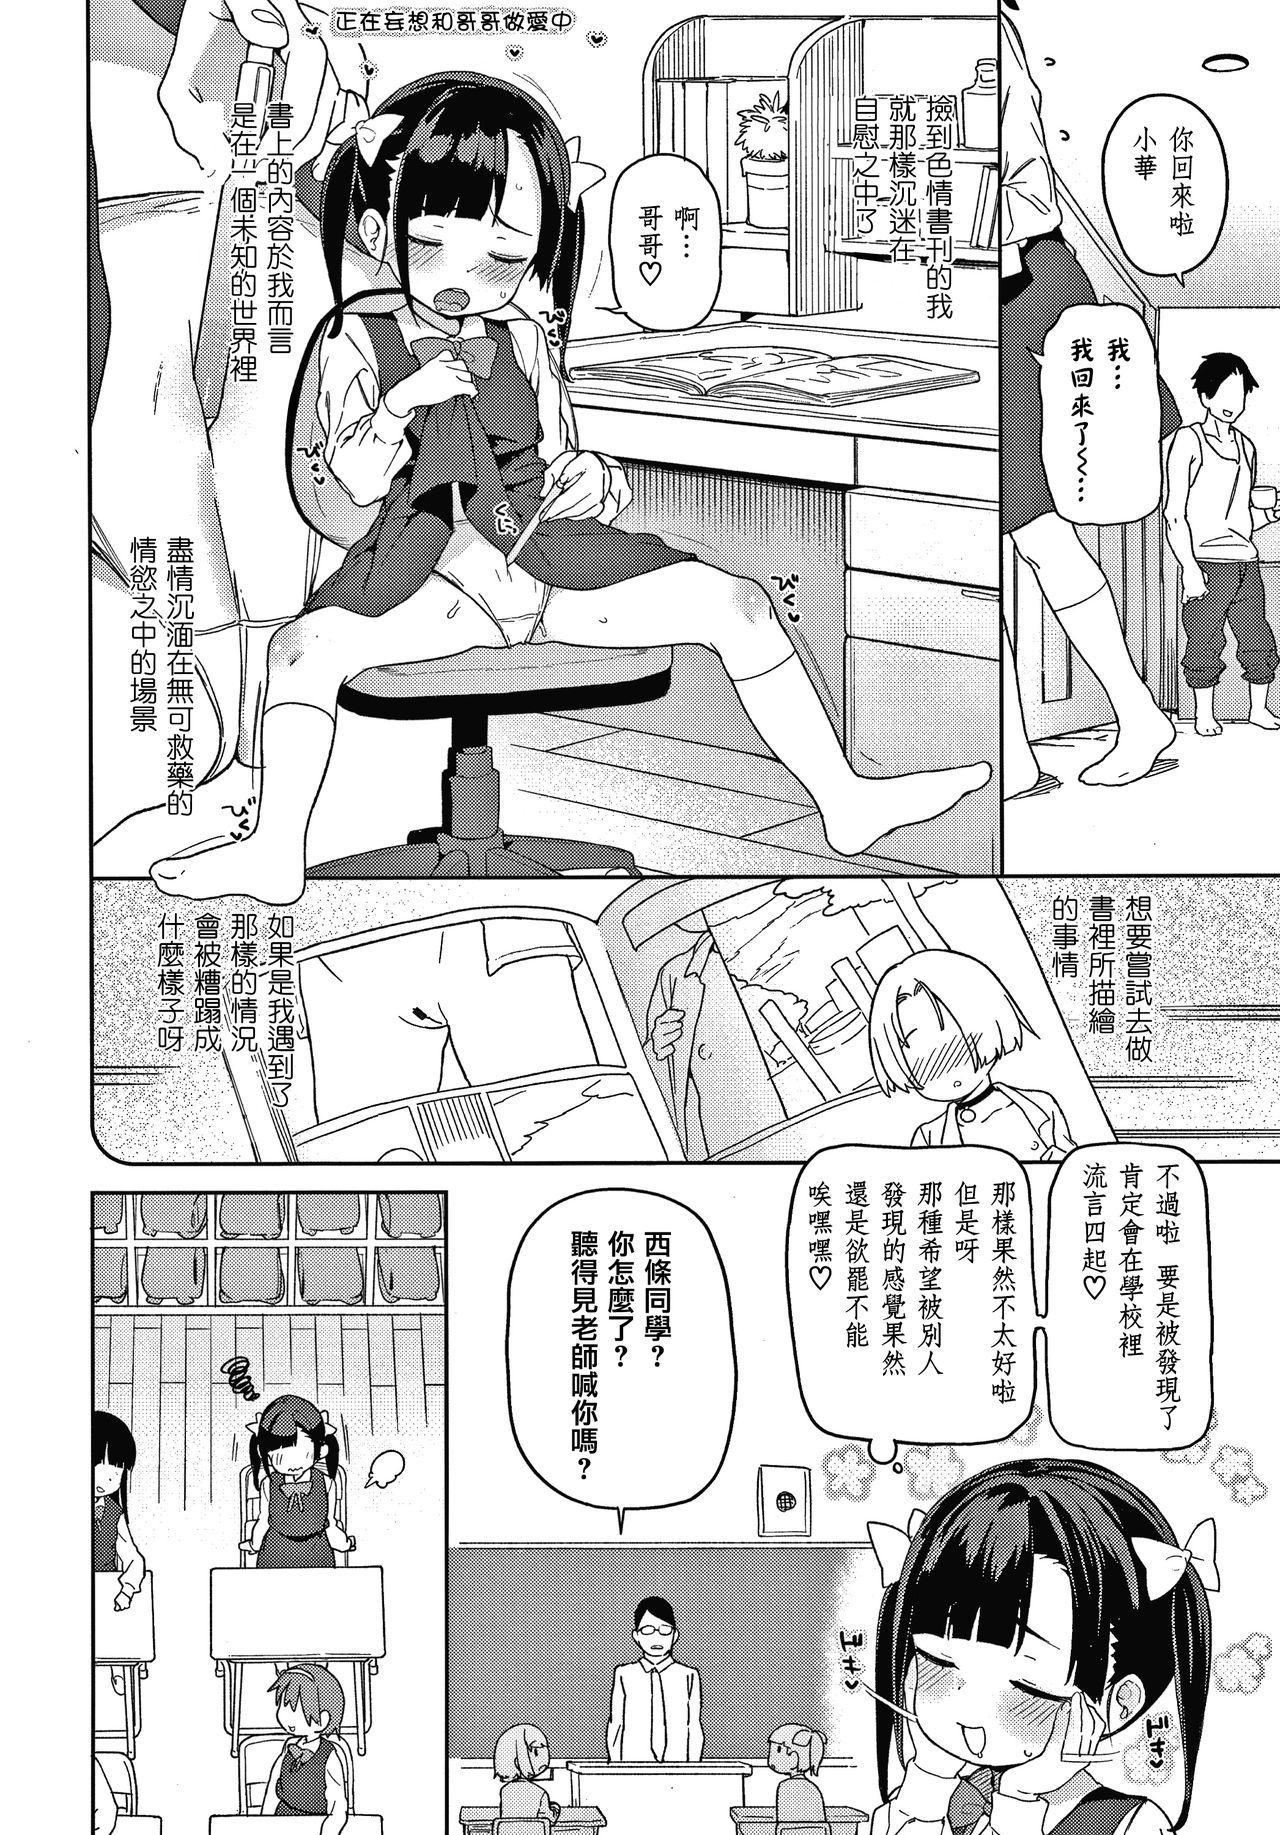 Tsugou ga Yokute Kawaii Mesu. 21